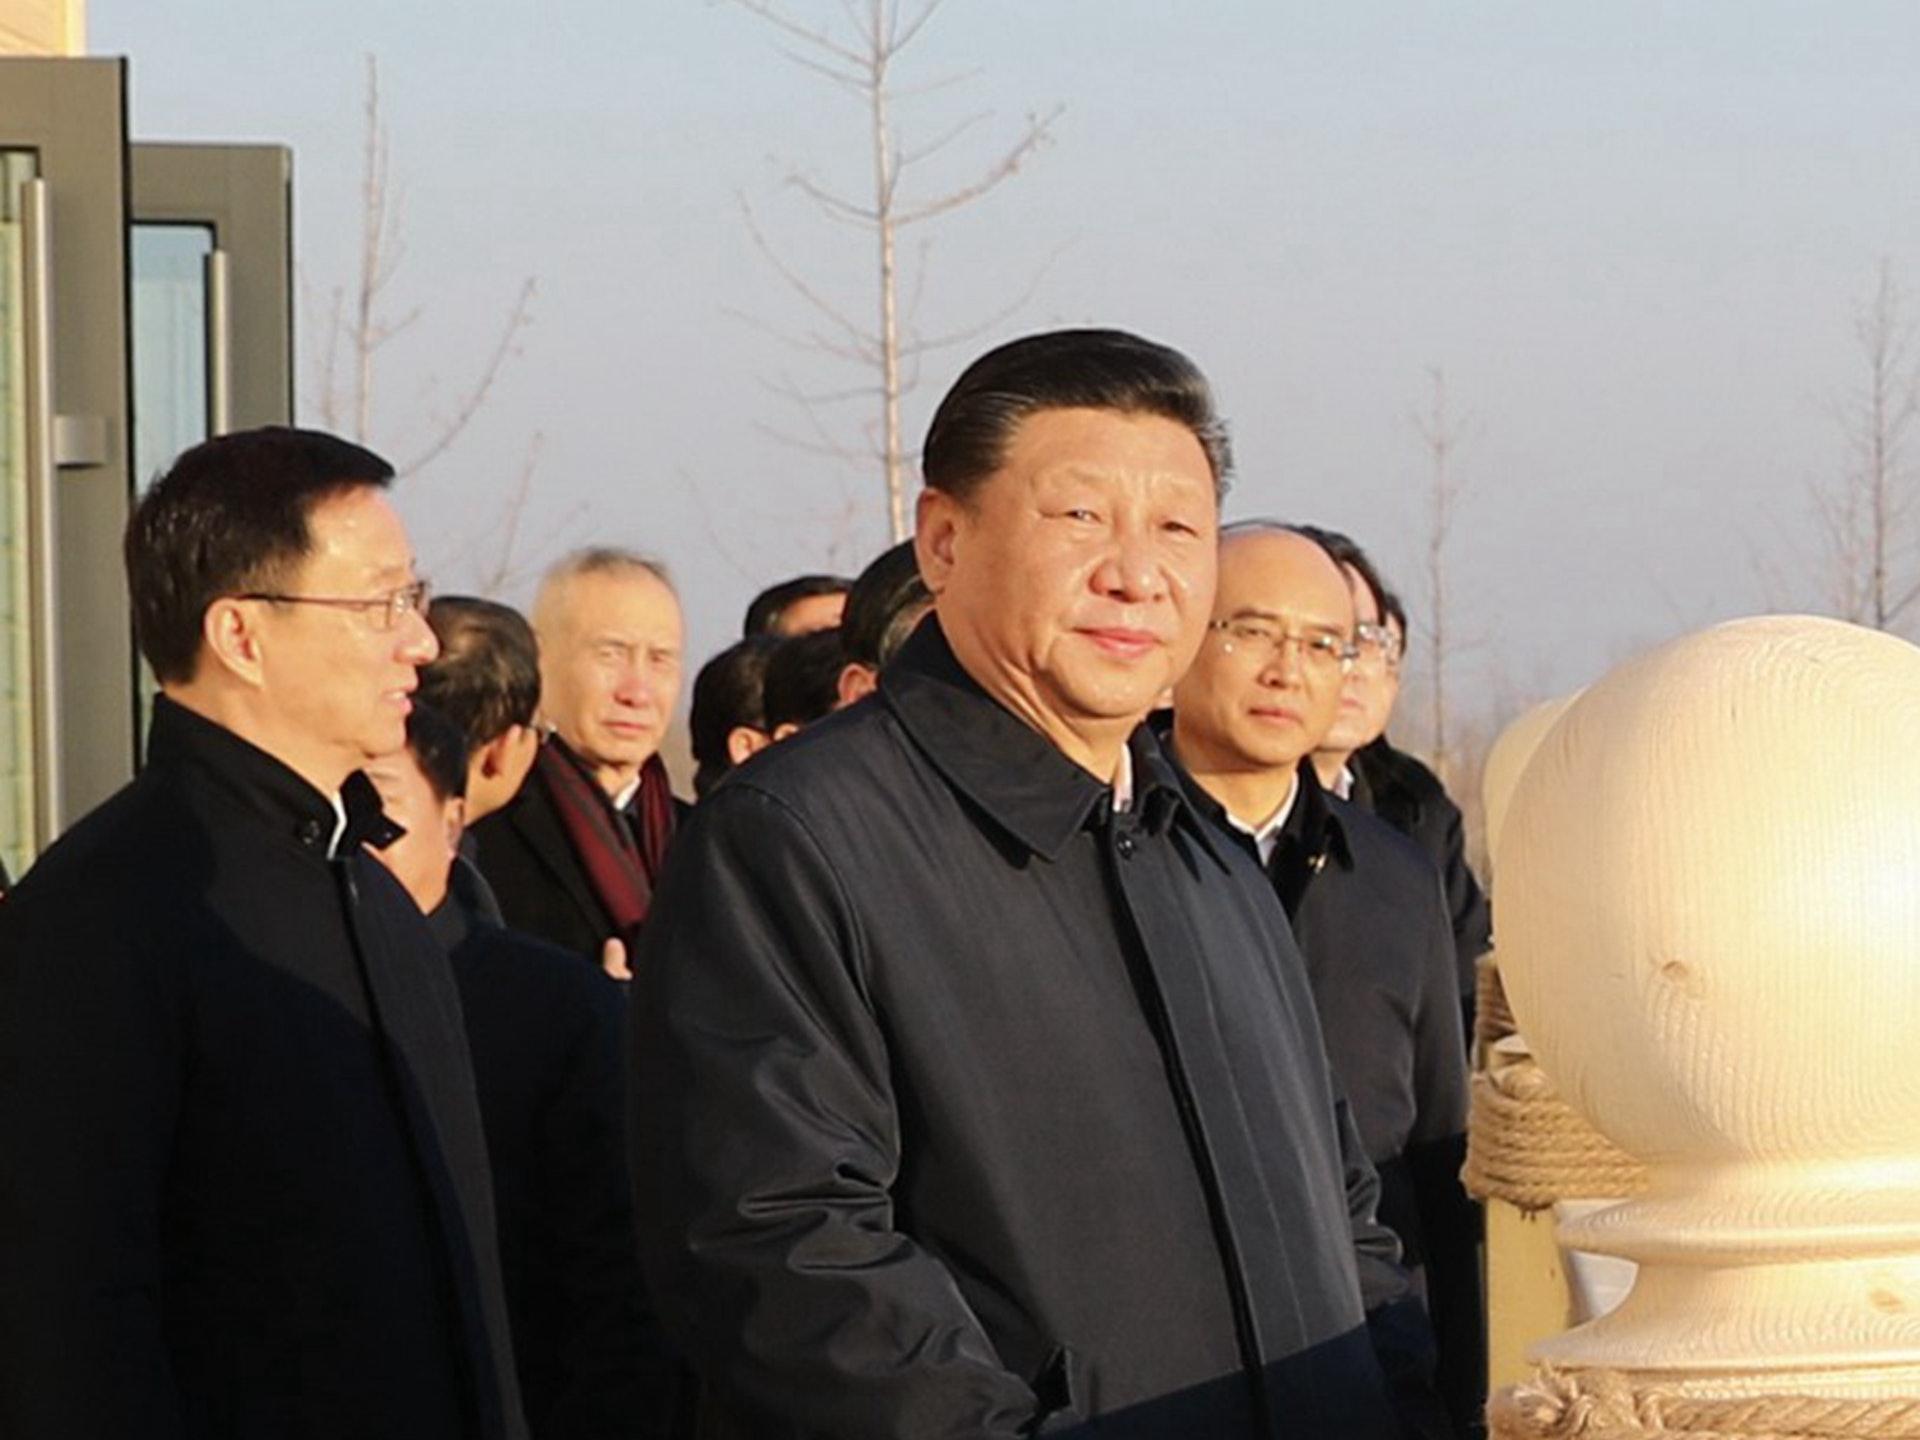 韩正(左一)曾在今年初陪同习近平(右)视察雄安新区。(新华社)